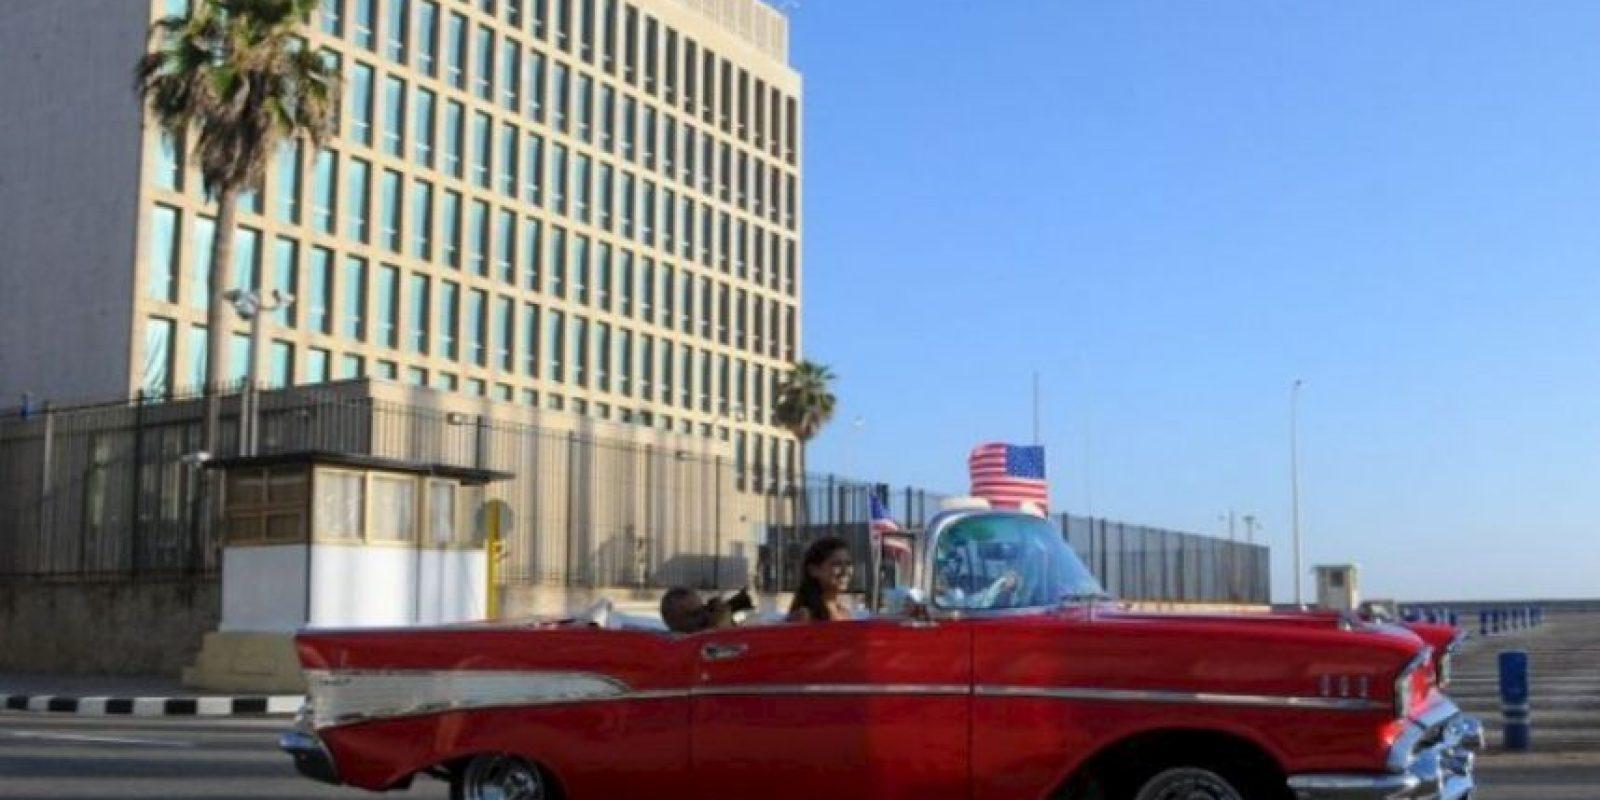 Los Estados Unidos establecieron relaciones diplomáticas con la República de Cuba en 1902, y la primera embajada se abrió en 1923. Foto:AFP